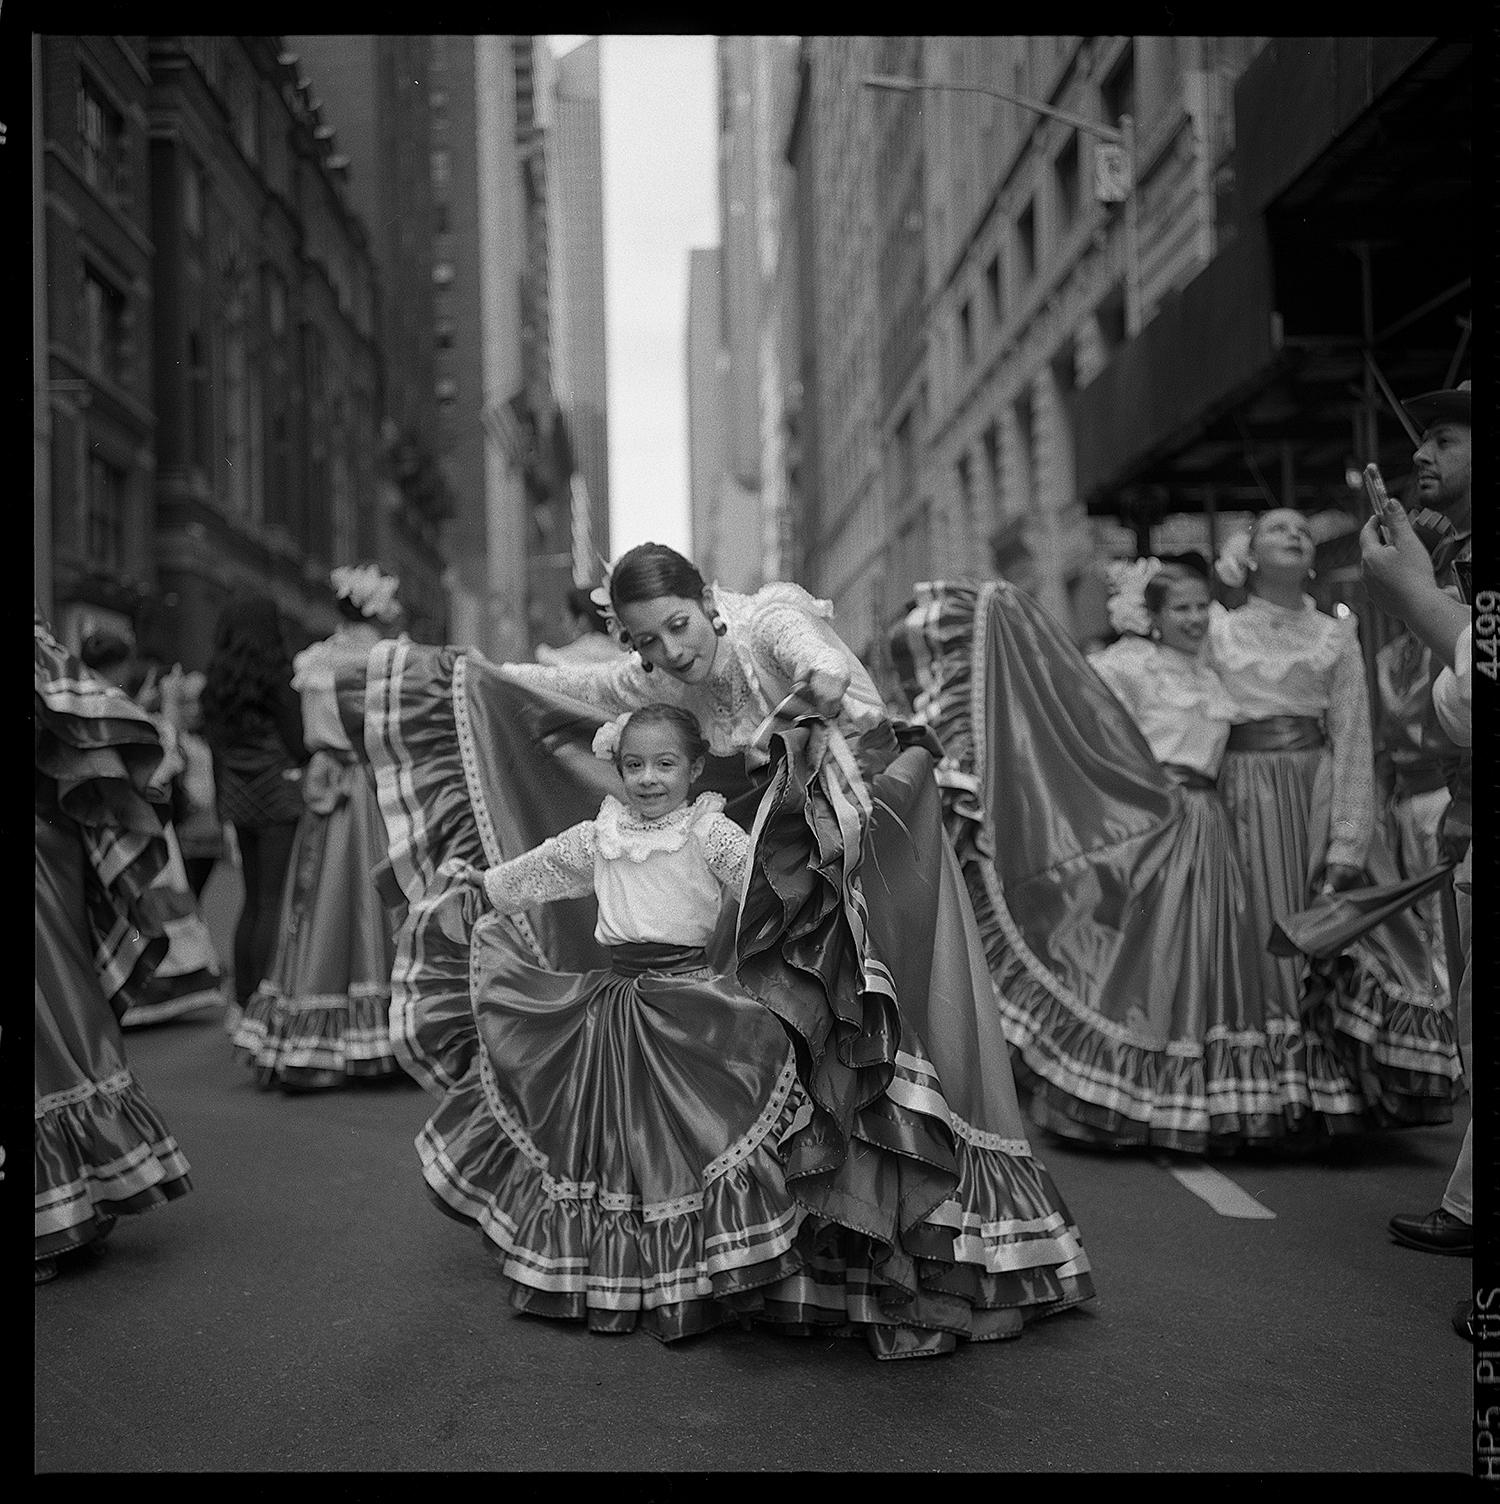 Rollei.HispanicDay2018.003.2.jpg